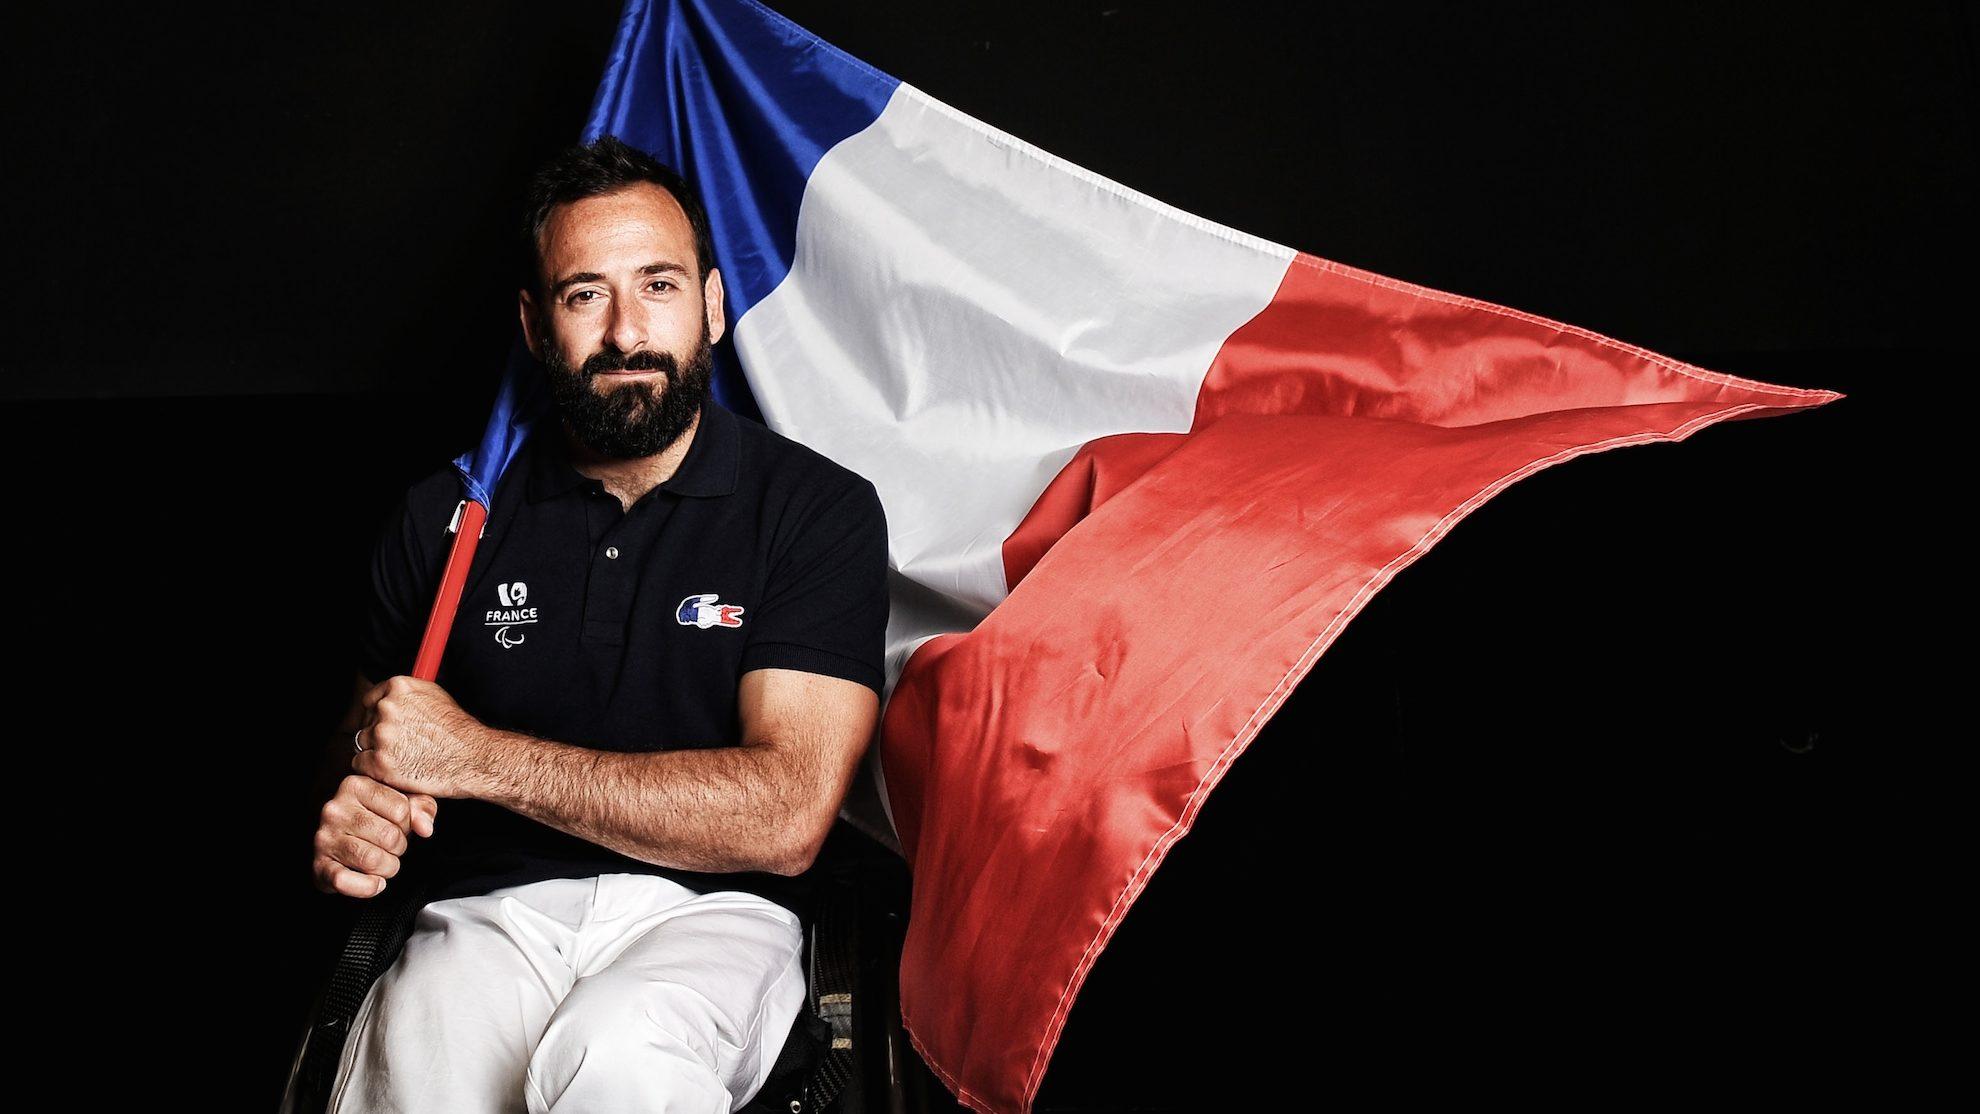 Mickael jeremiasz conference athlete de haut niveau paraplympique entreprise wechamp